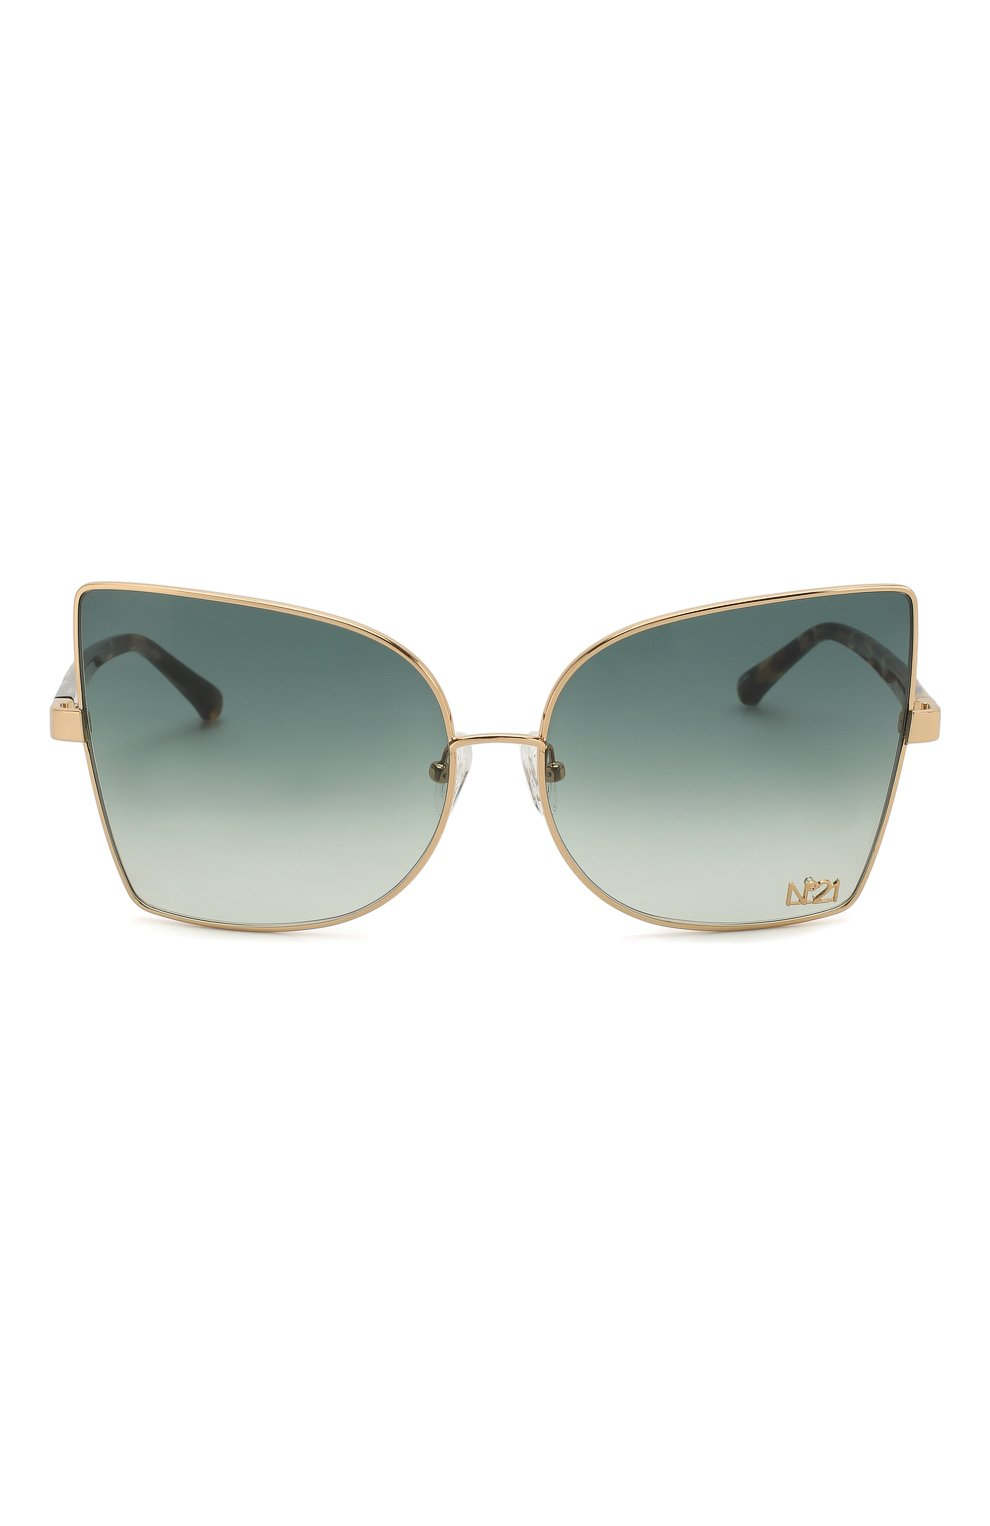 Женские солнцезащитные очки N21 темно-зеленого цвета, арт. N21S41C3 SUN | Фото 3